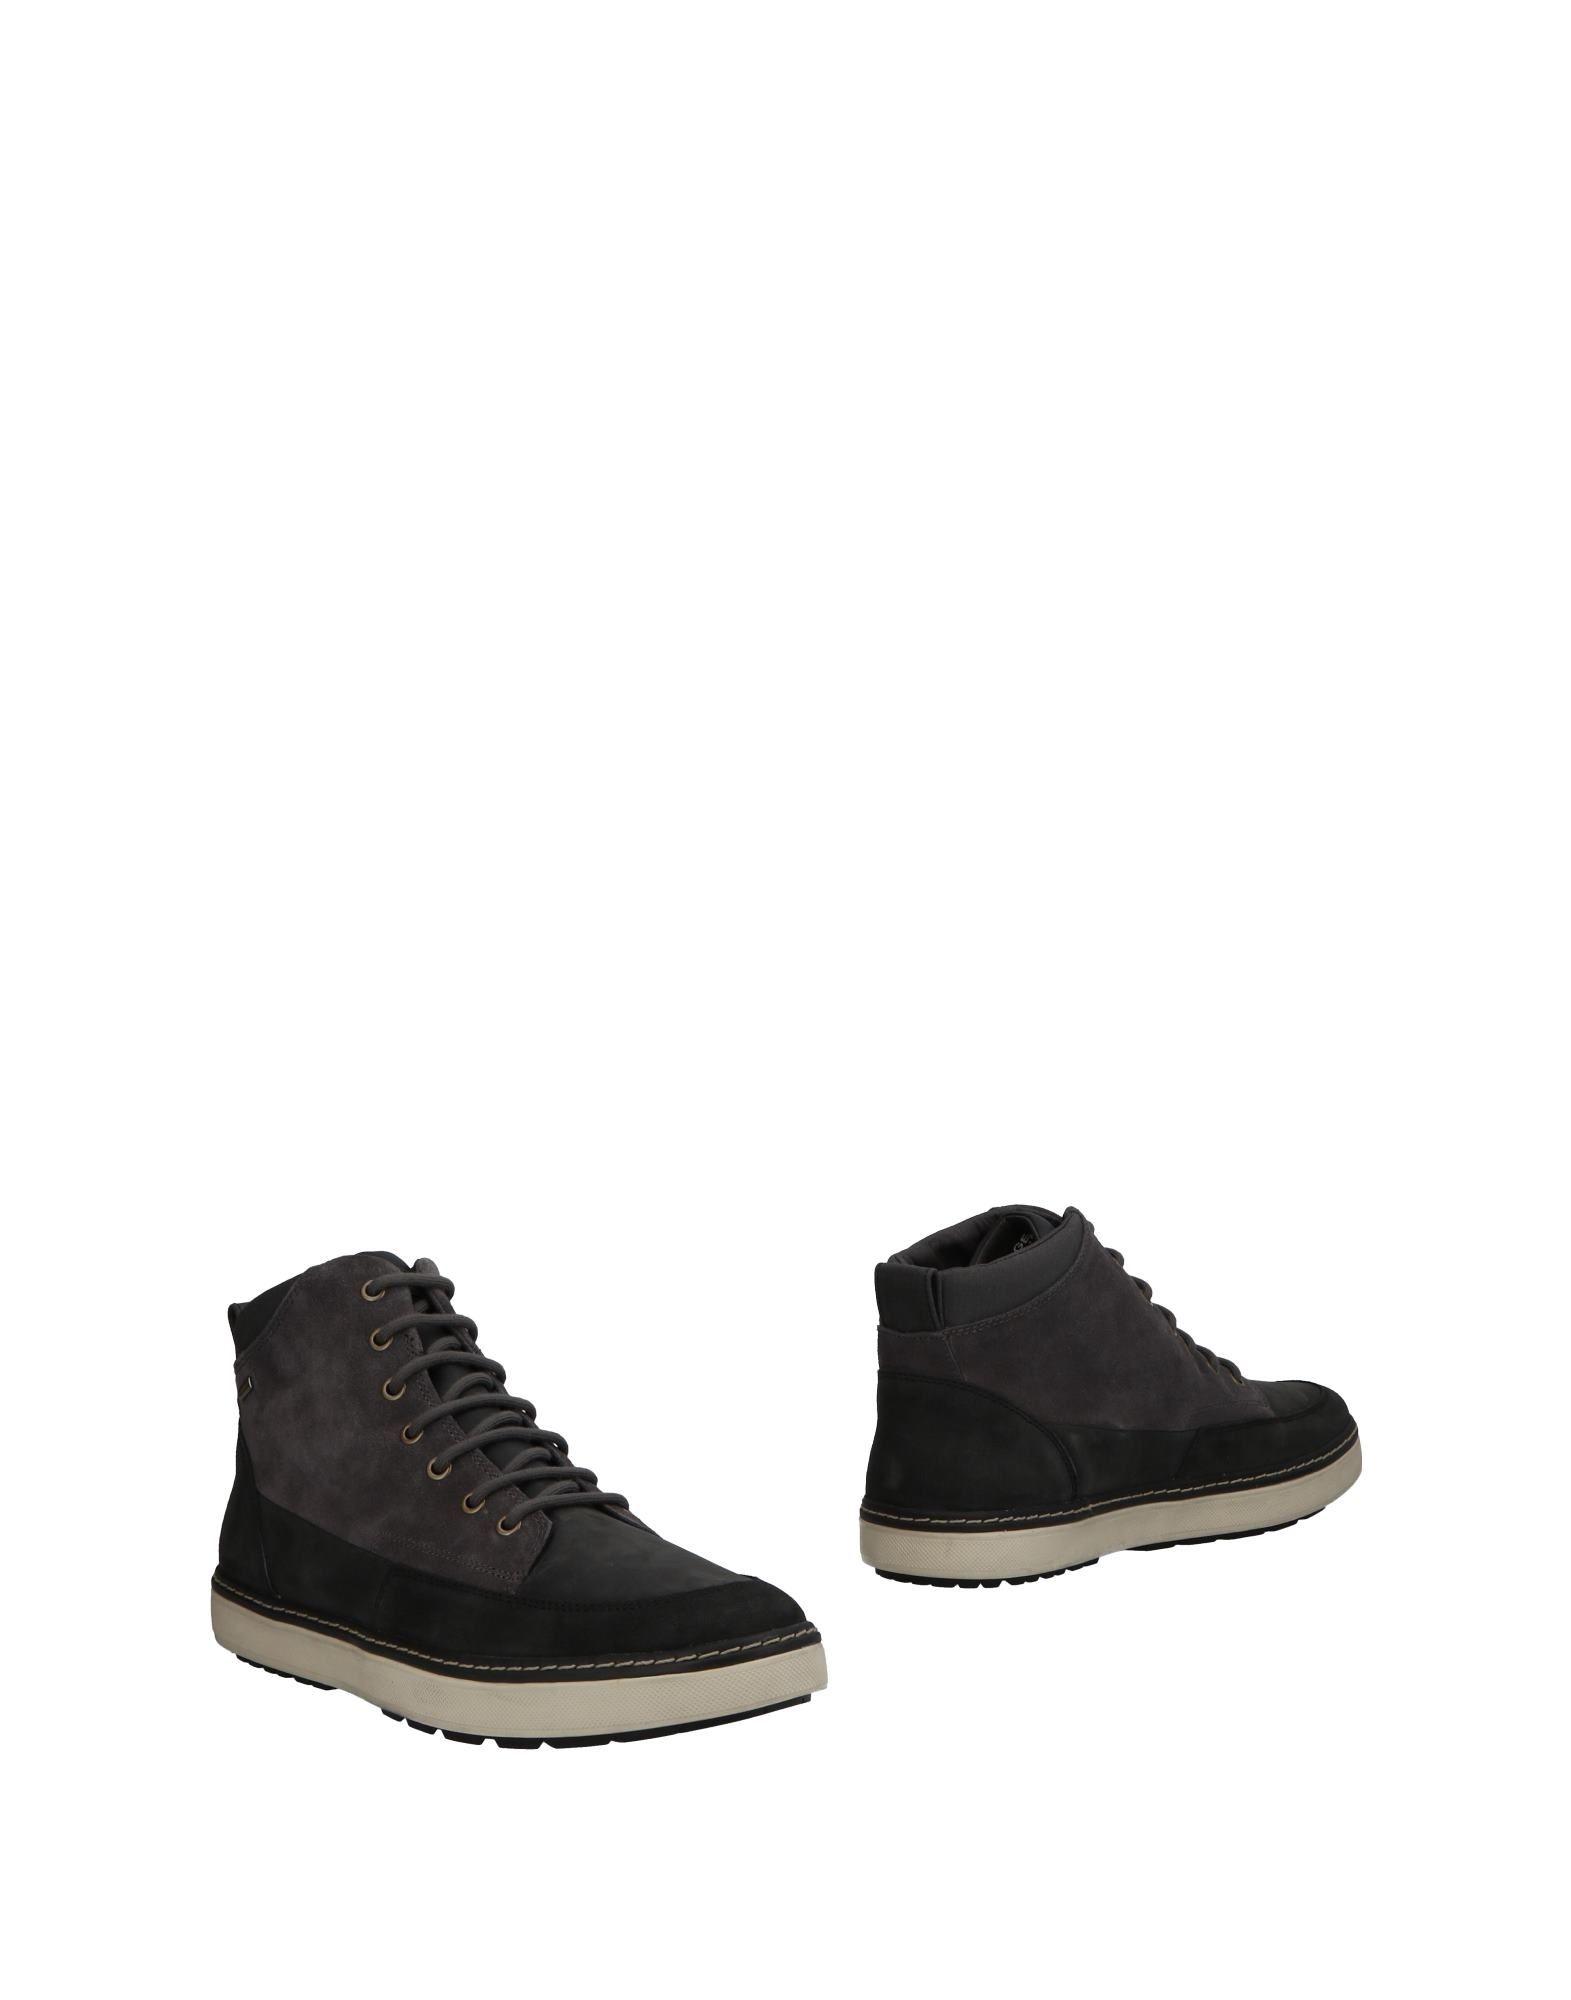 Rabatt echte Schuhe Geox Stiefelette Herren  11496738LS